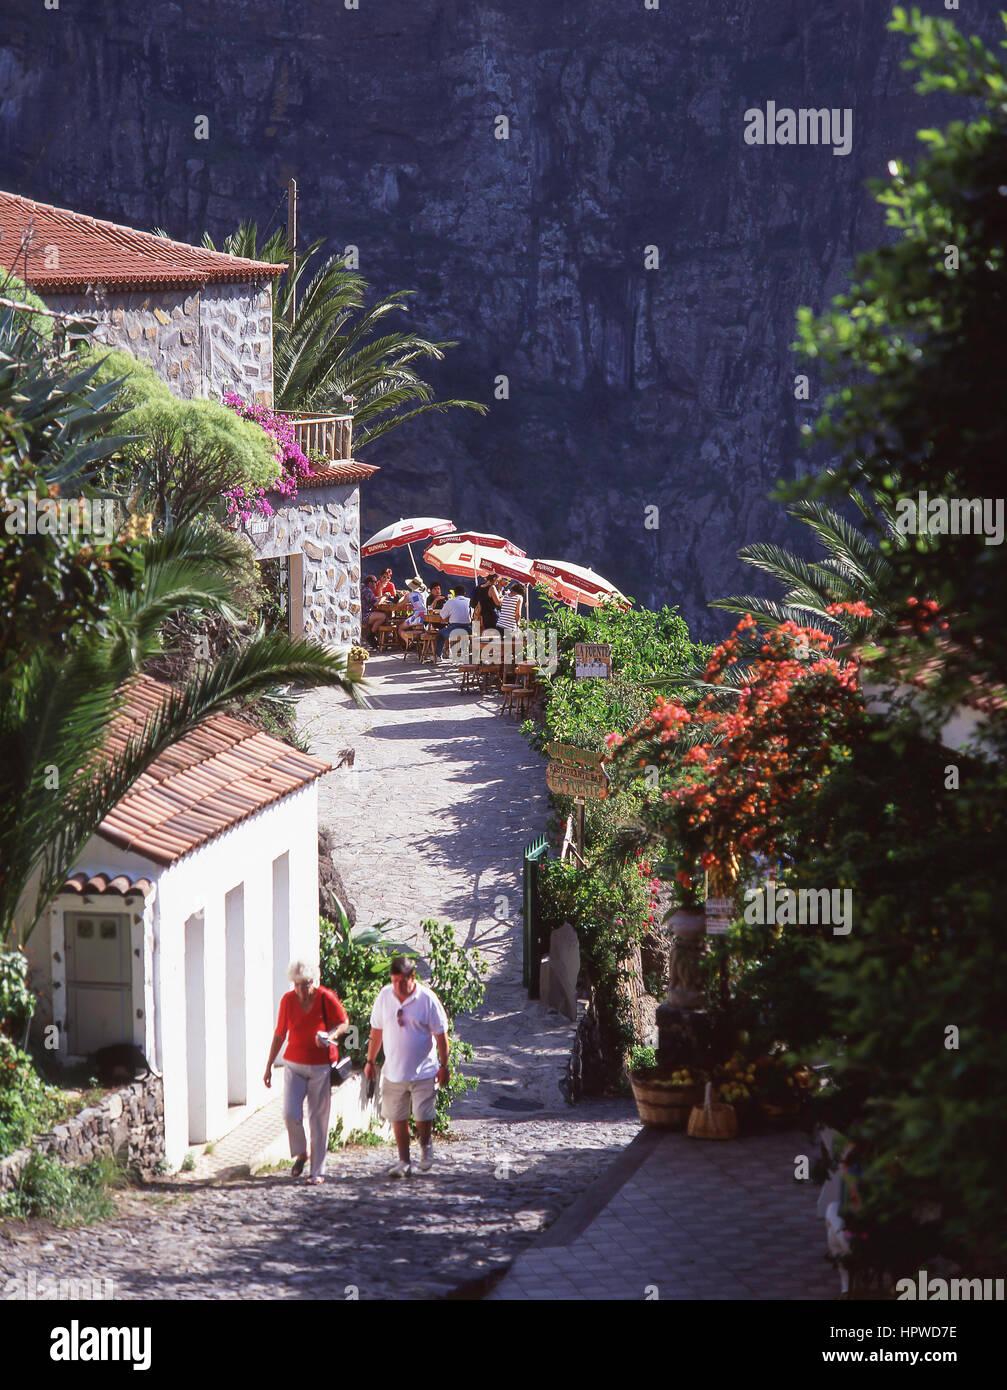 Restaurant Suche, Dorf Masca, die Teno, Teneriffa, Kanarische Inseln, Spanien Stockbild